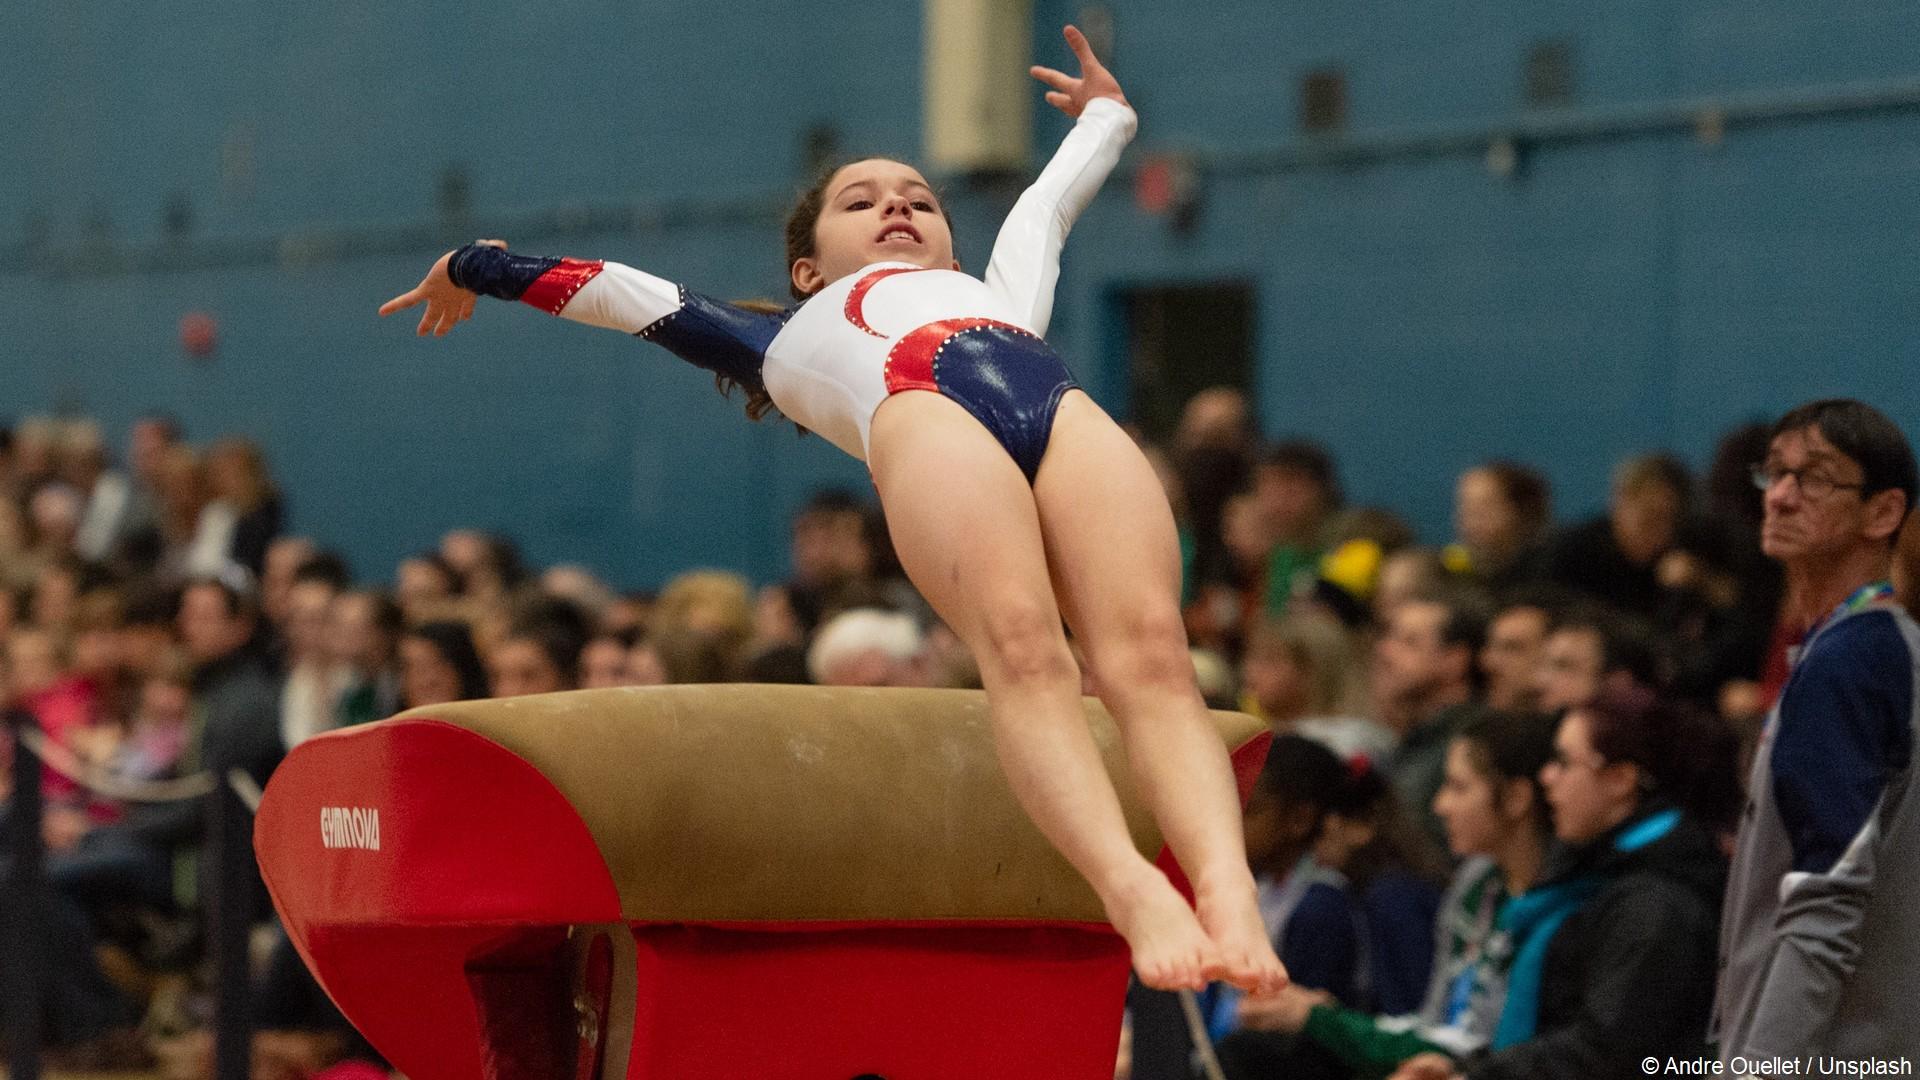 Gymnastique (1) générique (c) Andre Ouellet Unsplash